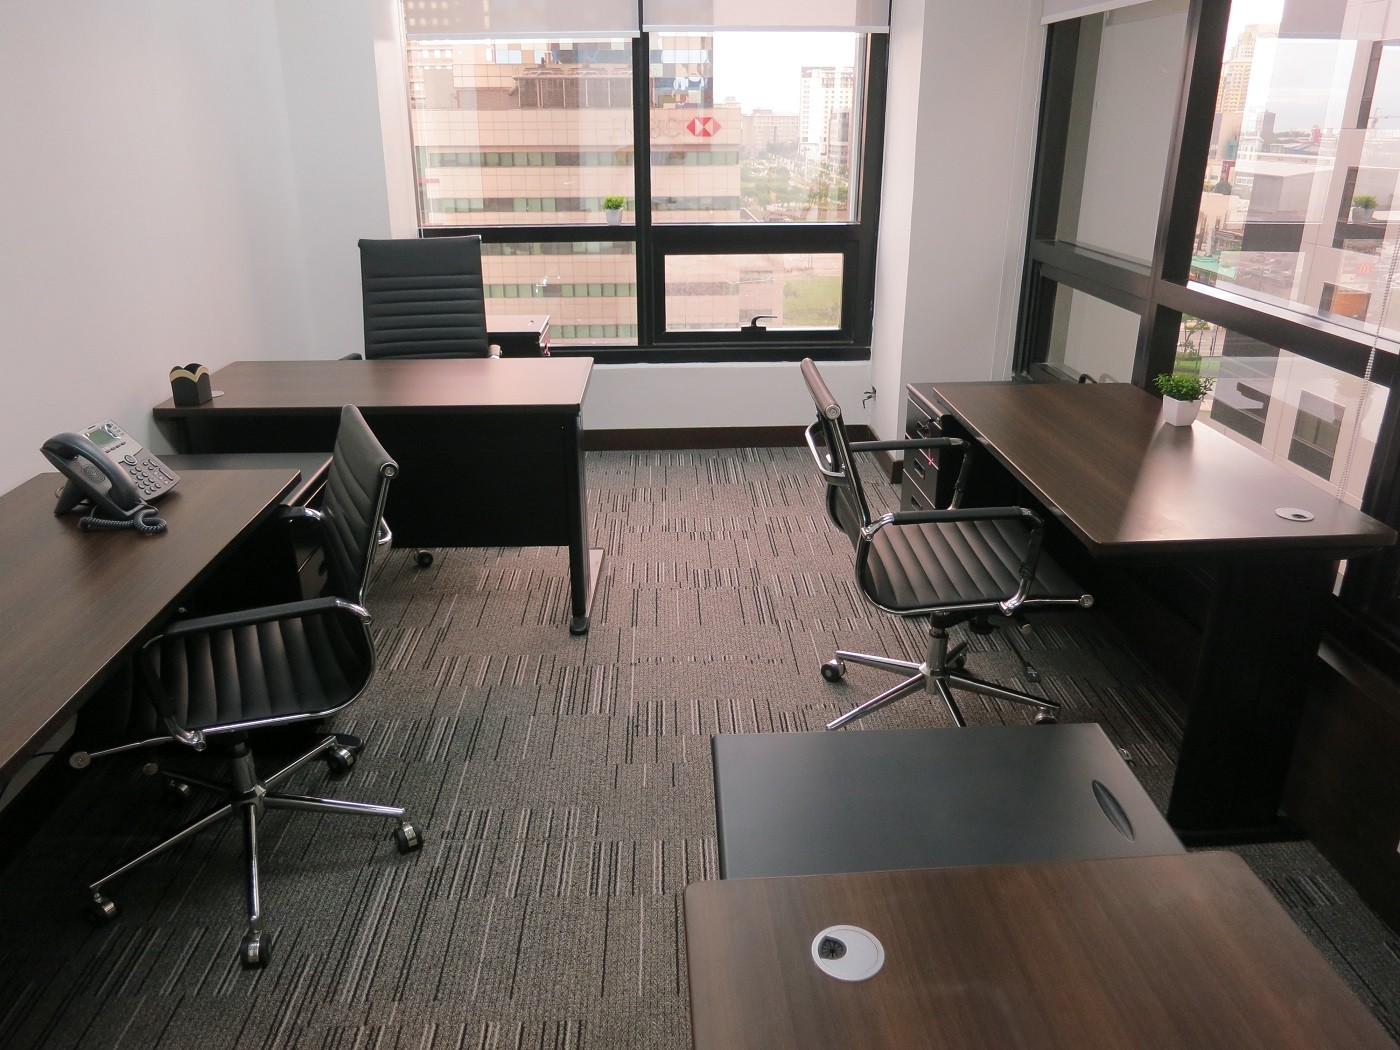 Oficina virtual blog oficinasibs for Oficina virtual